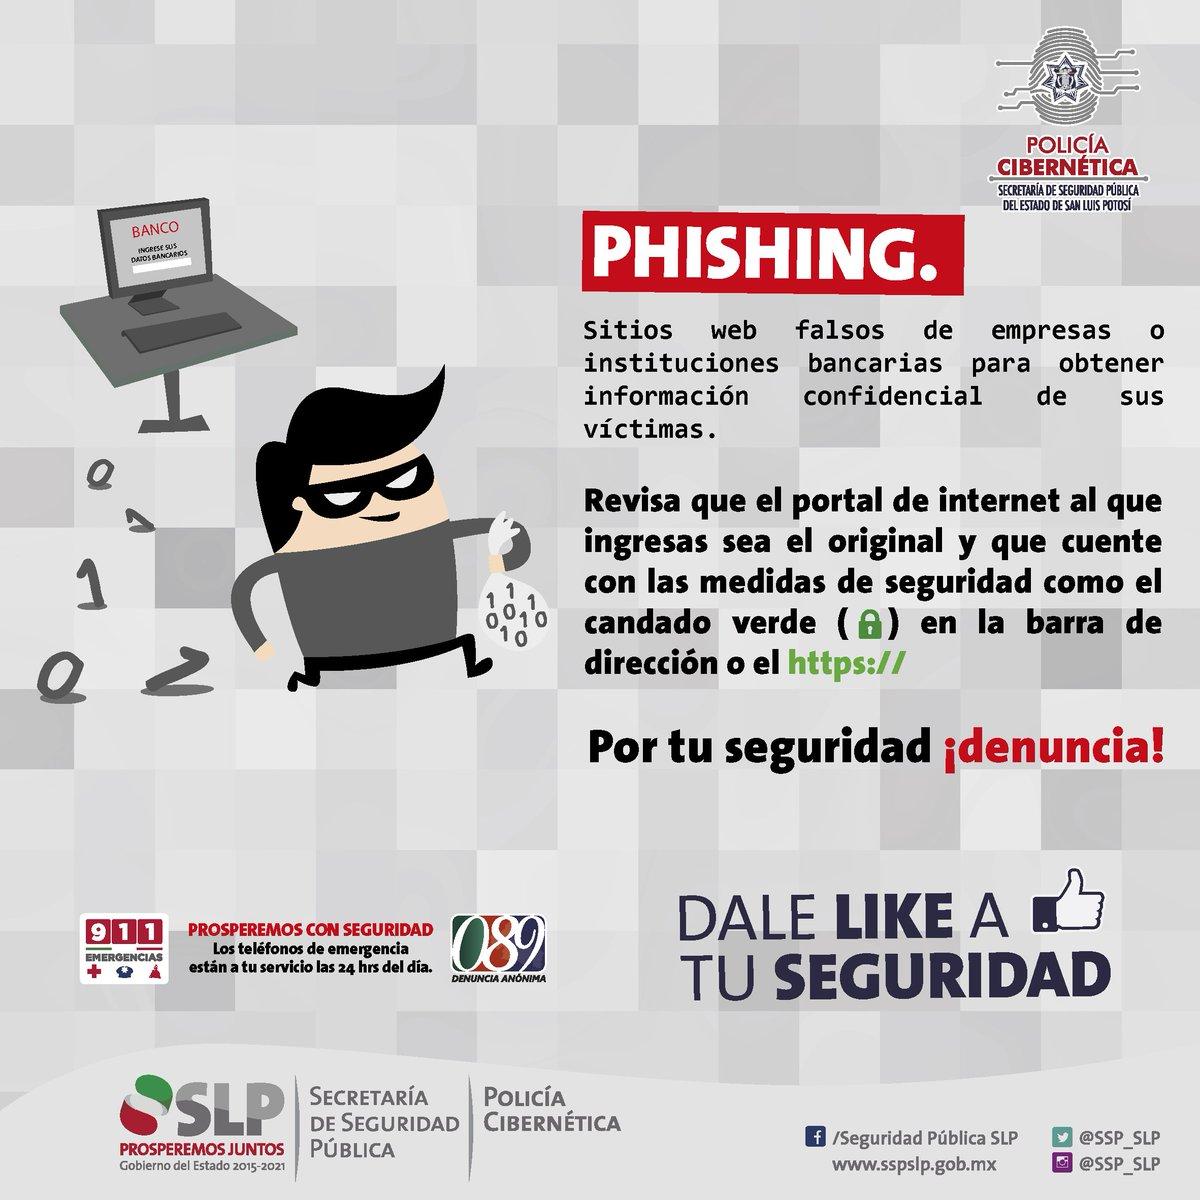 """Policía Cibernética SLP ar Twitter: """"El """"Phishing"""" es un tipo de fraude en internet que busca adquirir Información de un usuario mediante el engaño, incluye el robo de credenciales, número de tarjetas"""